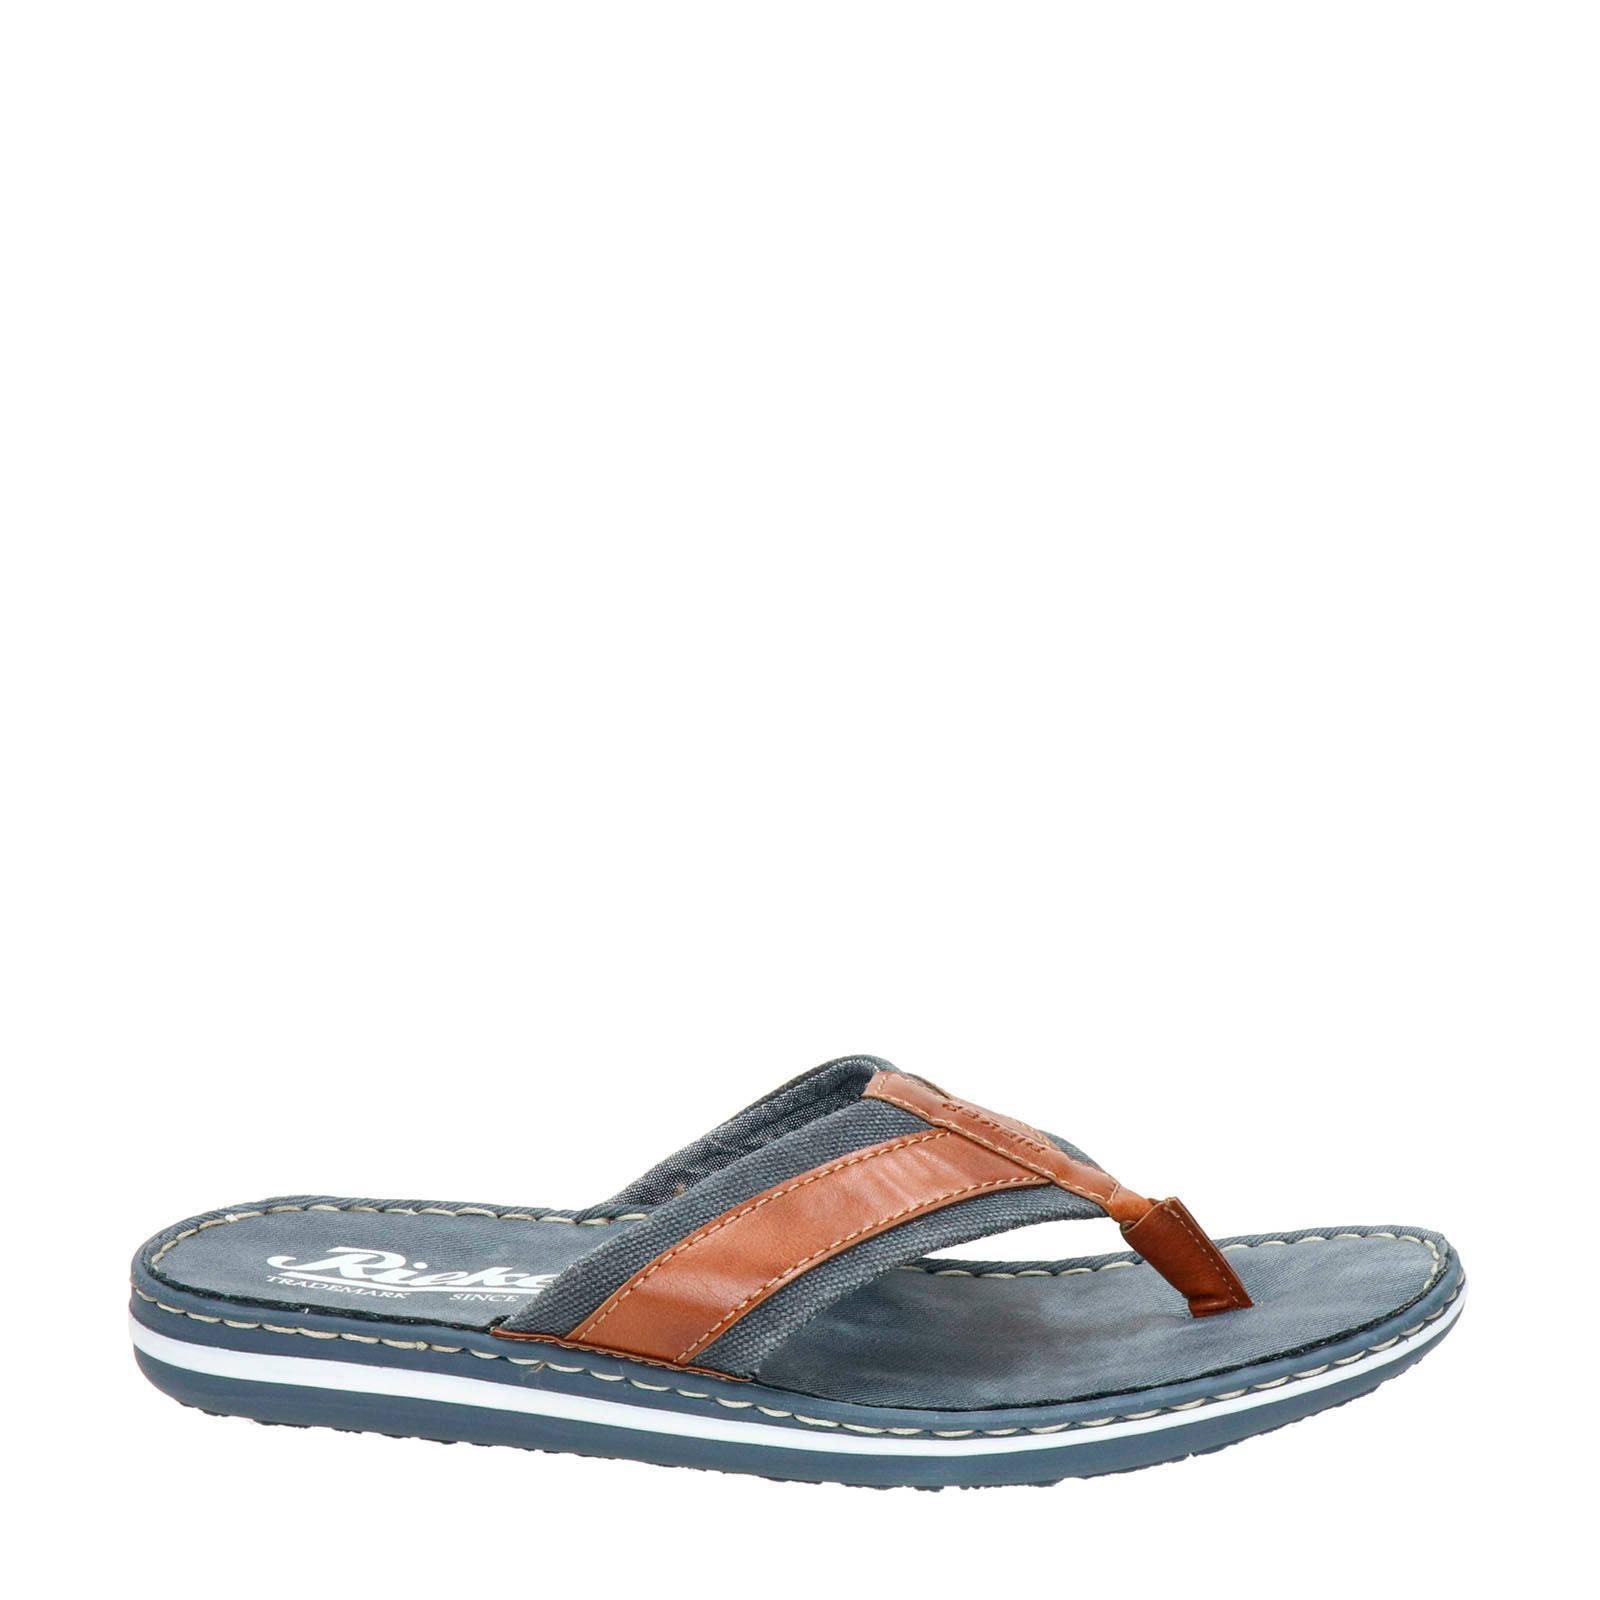 0502ed79cbeedc Heren slippers   sandalen bij wehkamp - Gratis bezorging vanaf 20.-